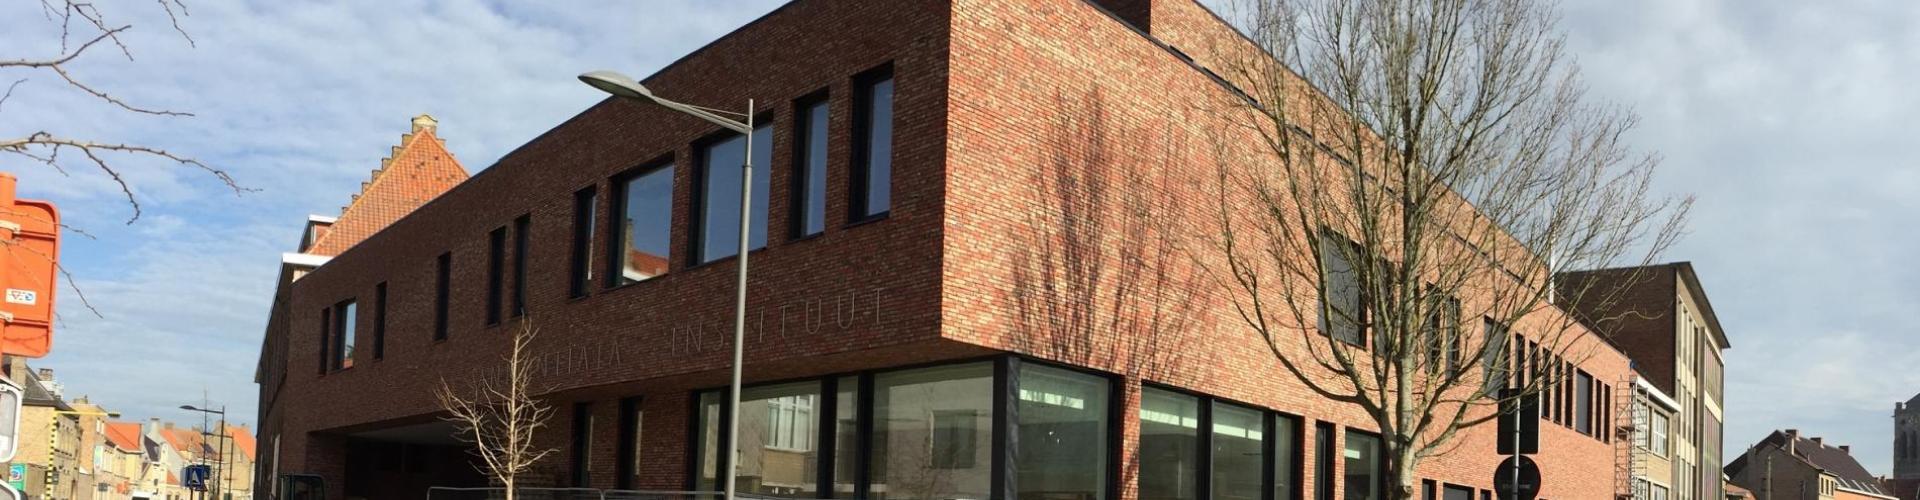 Annuntiata-Instituut Veurne